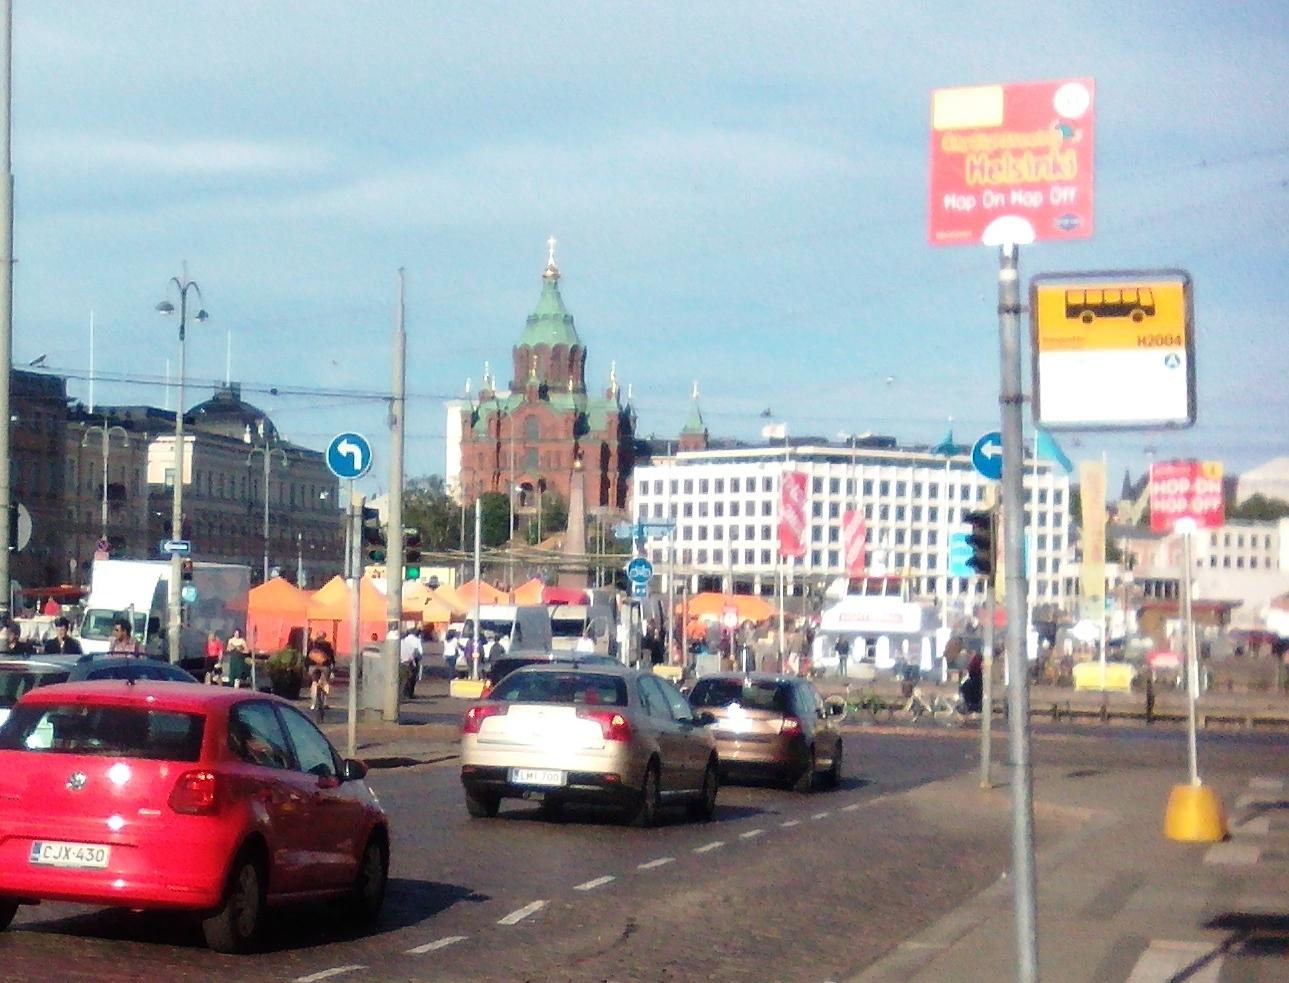 Вид на Рыночную площадь Кауппатори